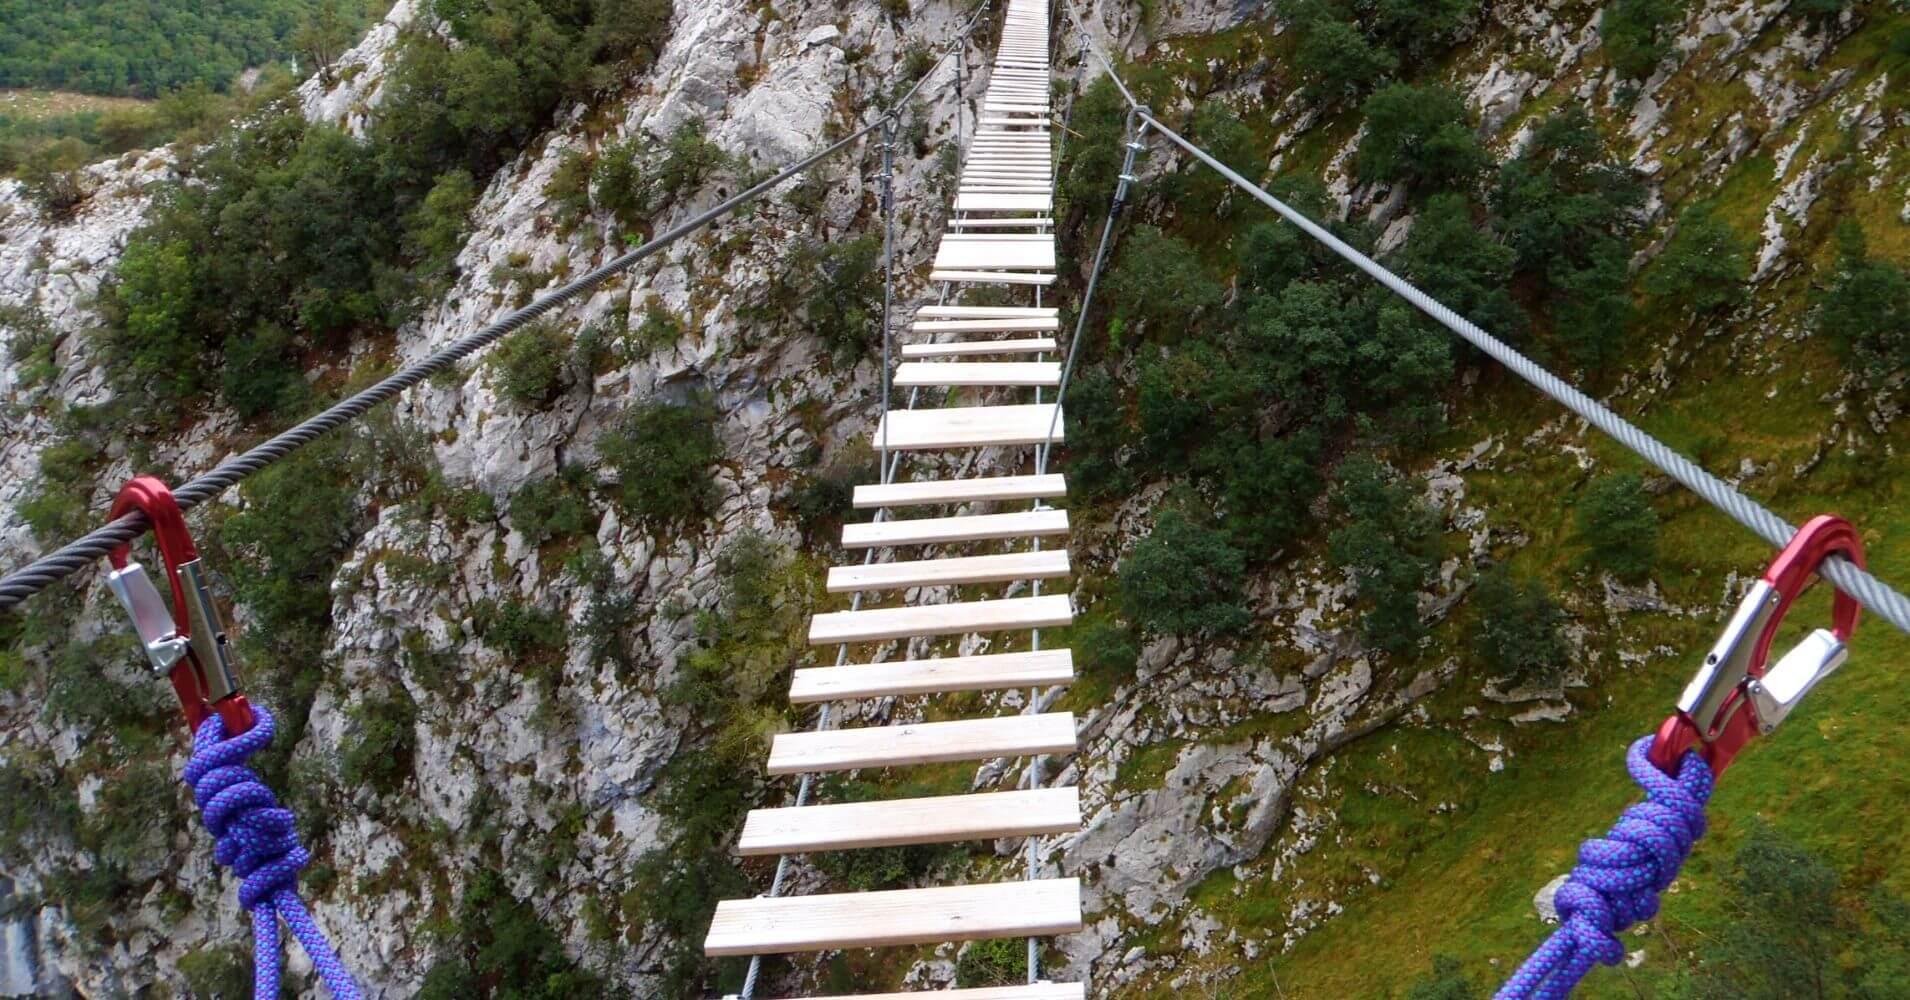 Puente del Diosau en la Vía Ferrata de la Hemida. Picos de Europa, Cantabria.